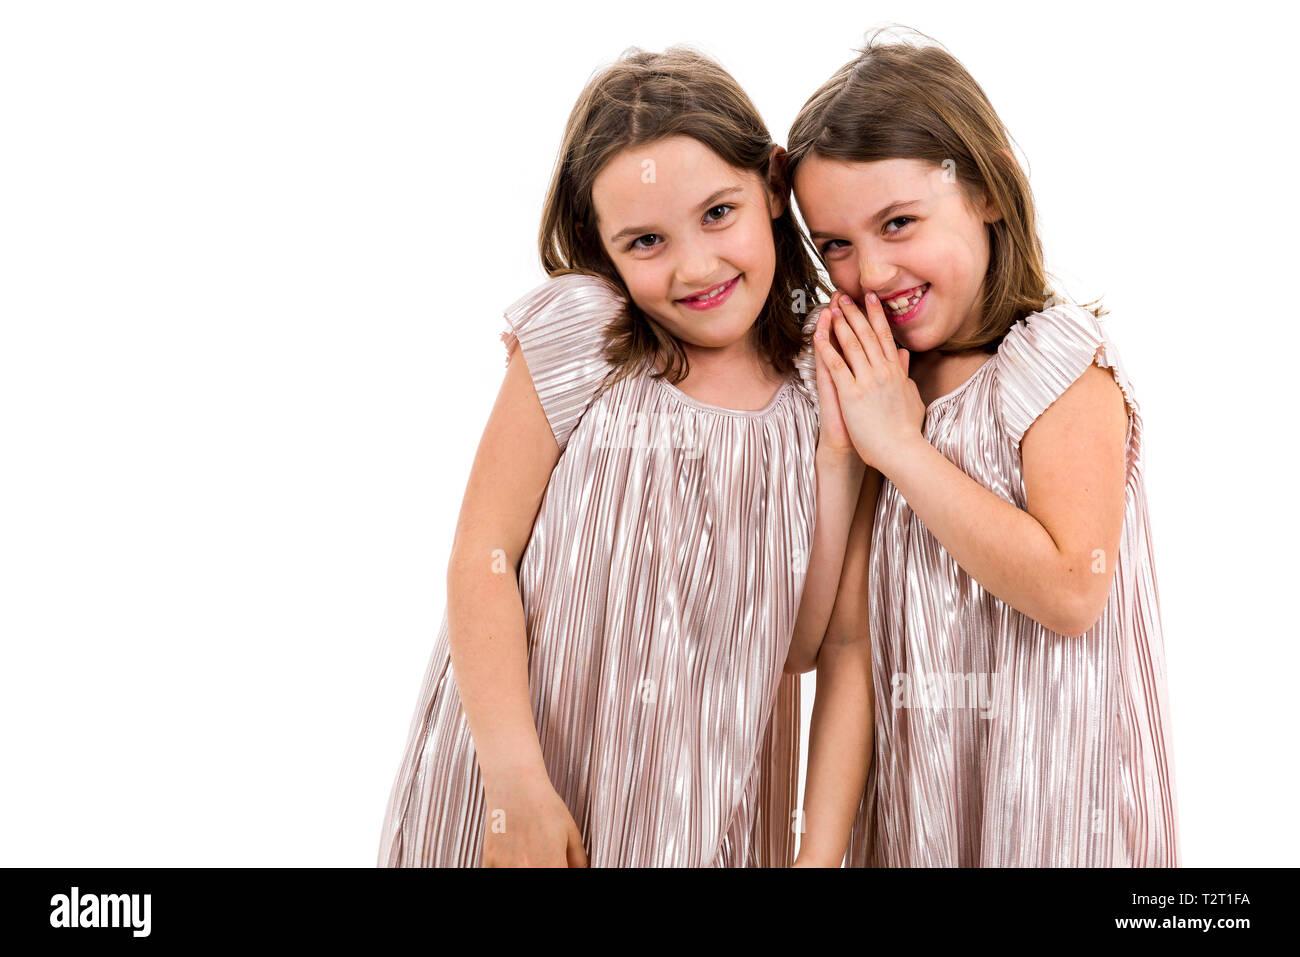 1a9b6c0e20 Dos gemelas hermanas están posando para la cámara. Feliz hermanas gemelas  en vestidos están mirando